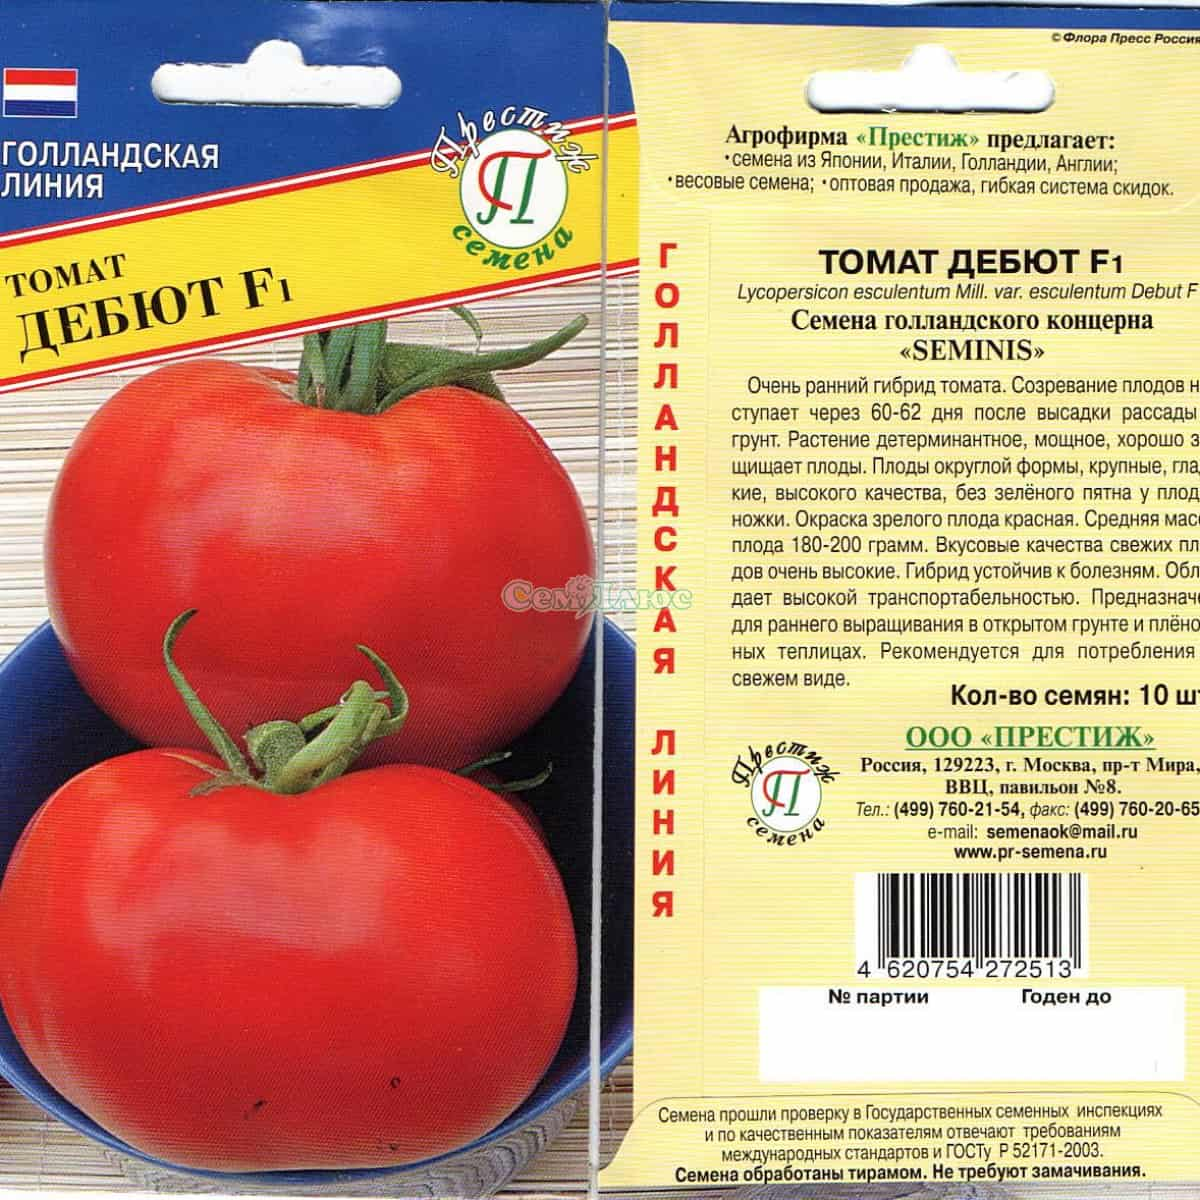 Описание сорта томата биатлон f1, его характеристика и выращивание